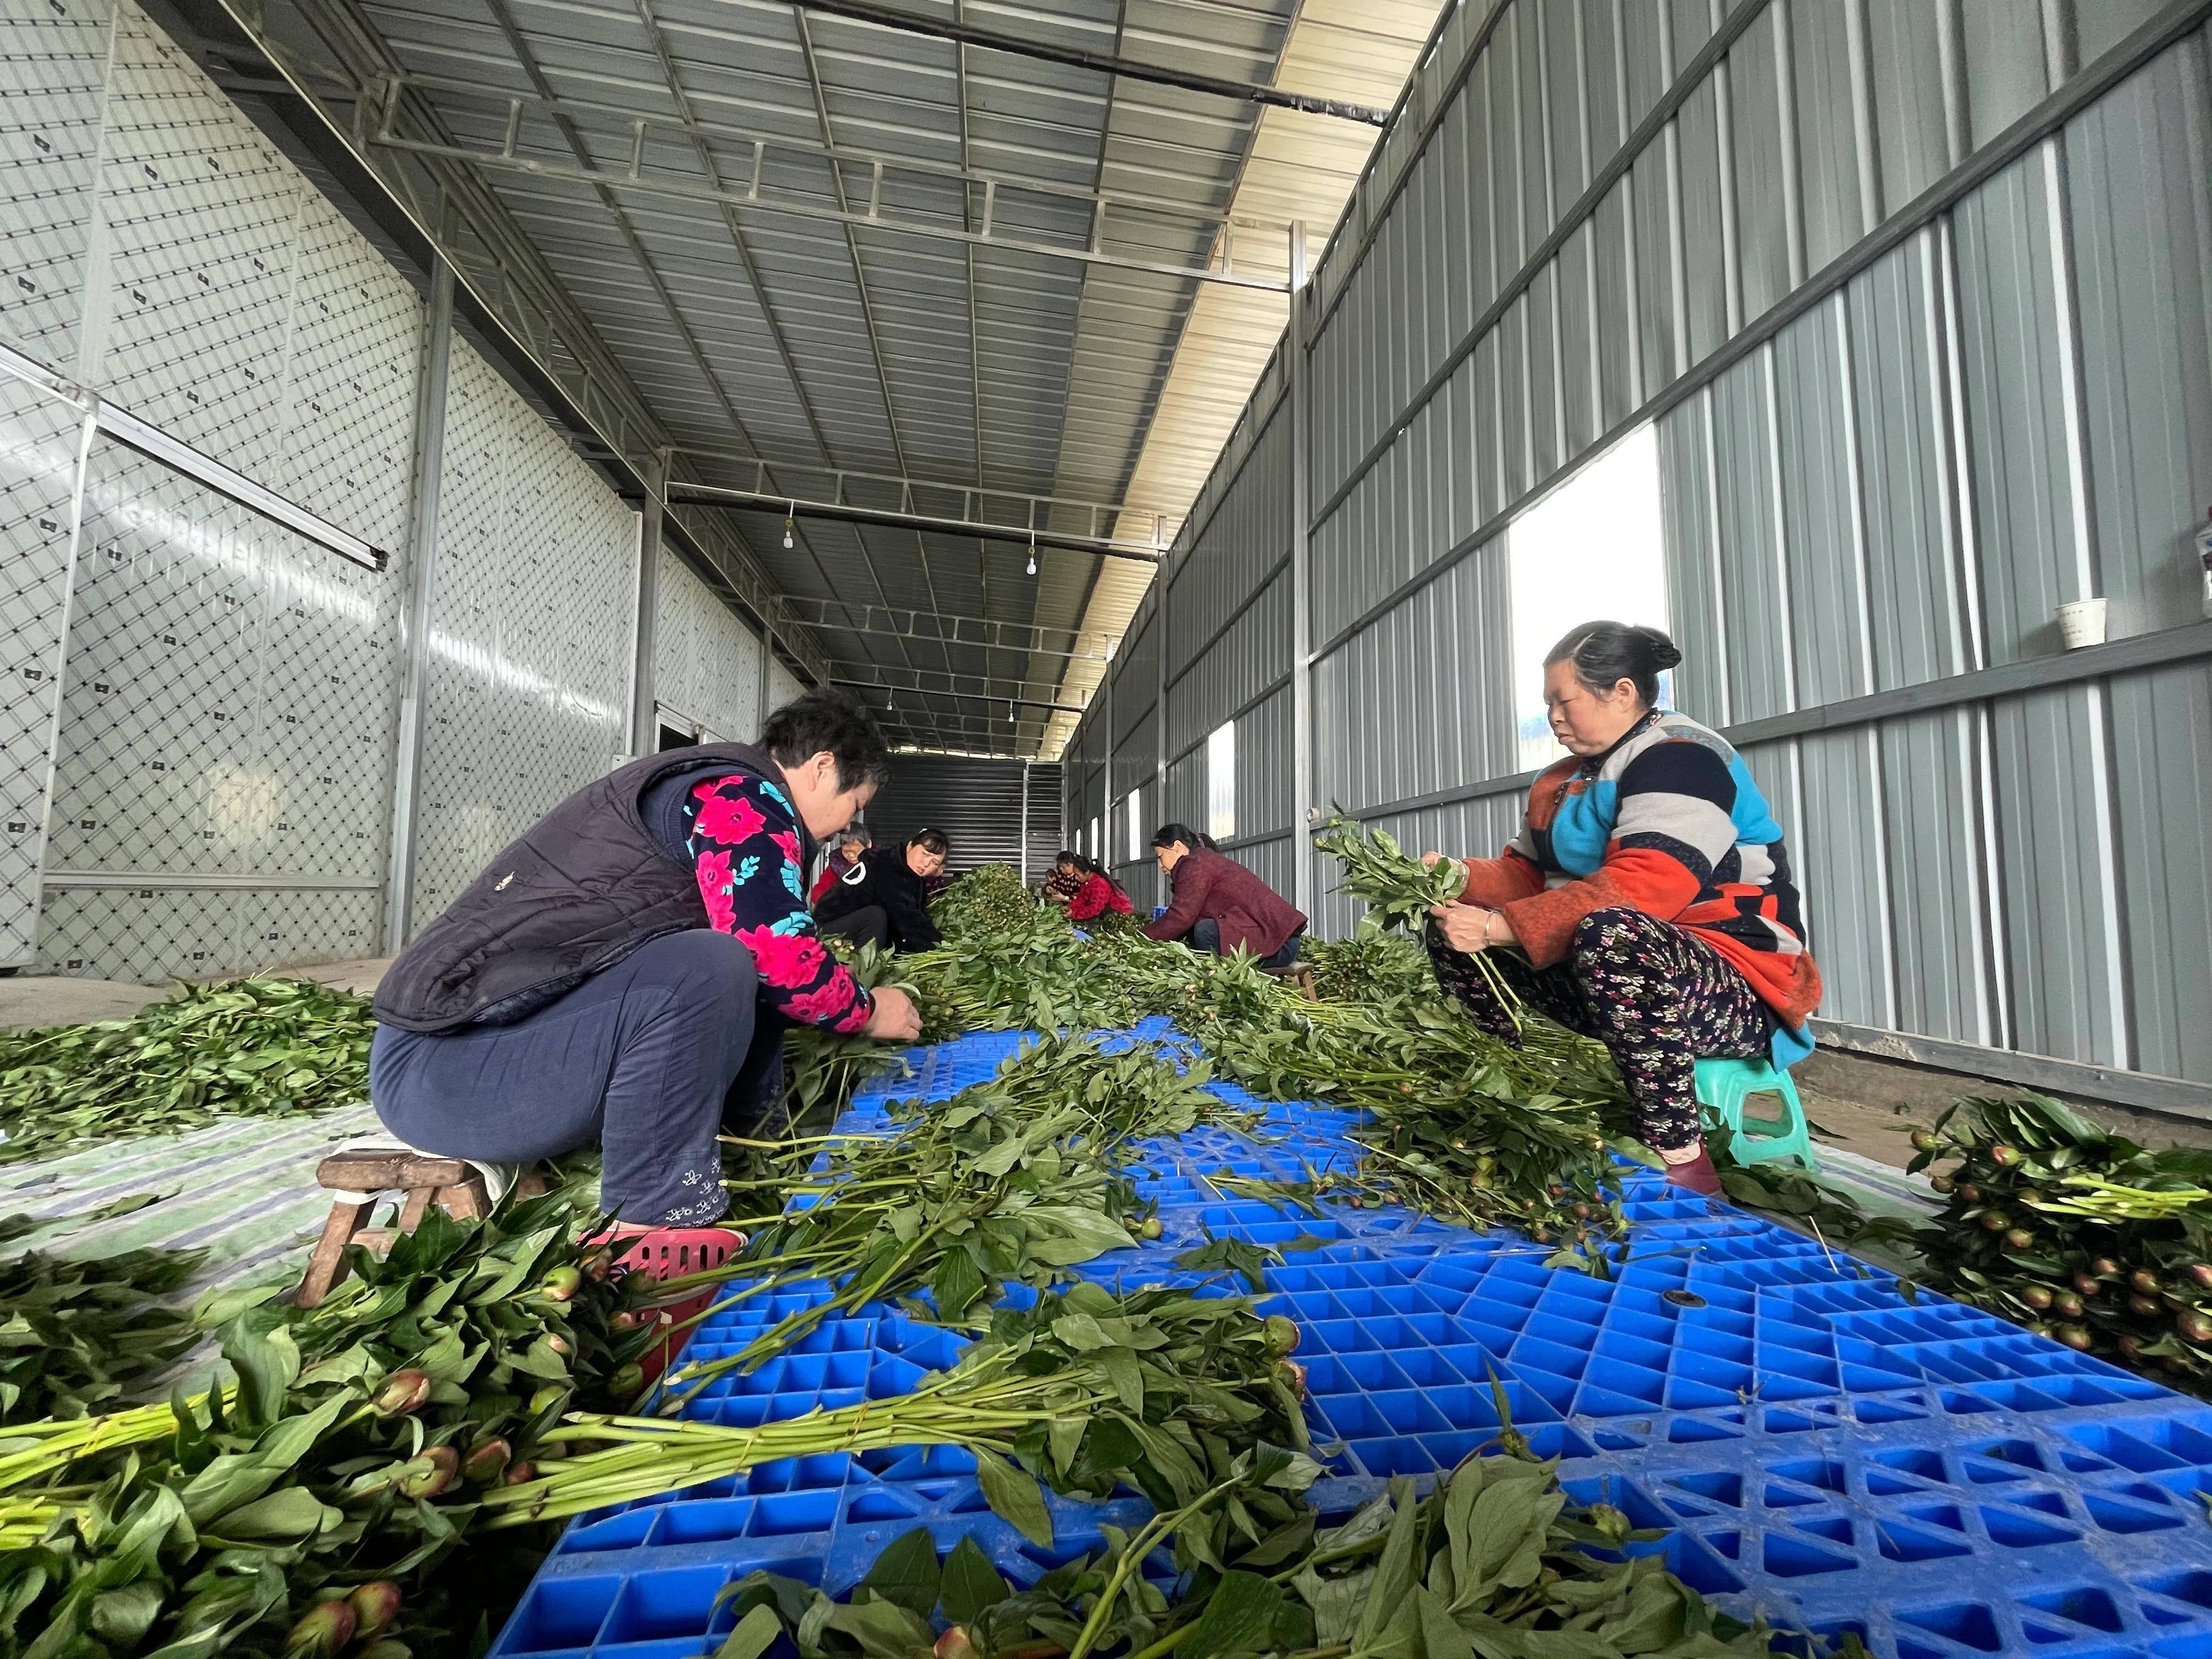 可观赏可入药 中江县尖寨村500余亩芍药进入盛花期